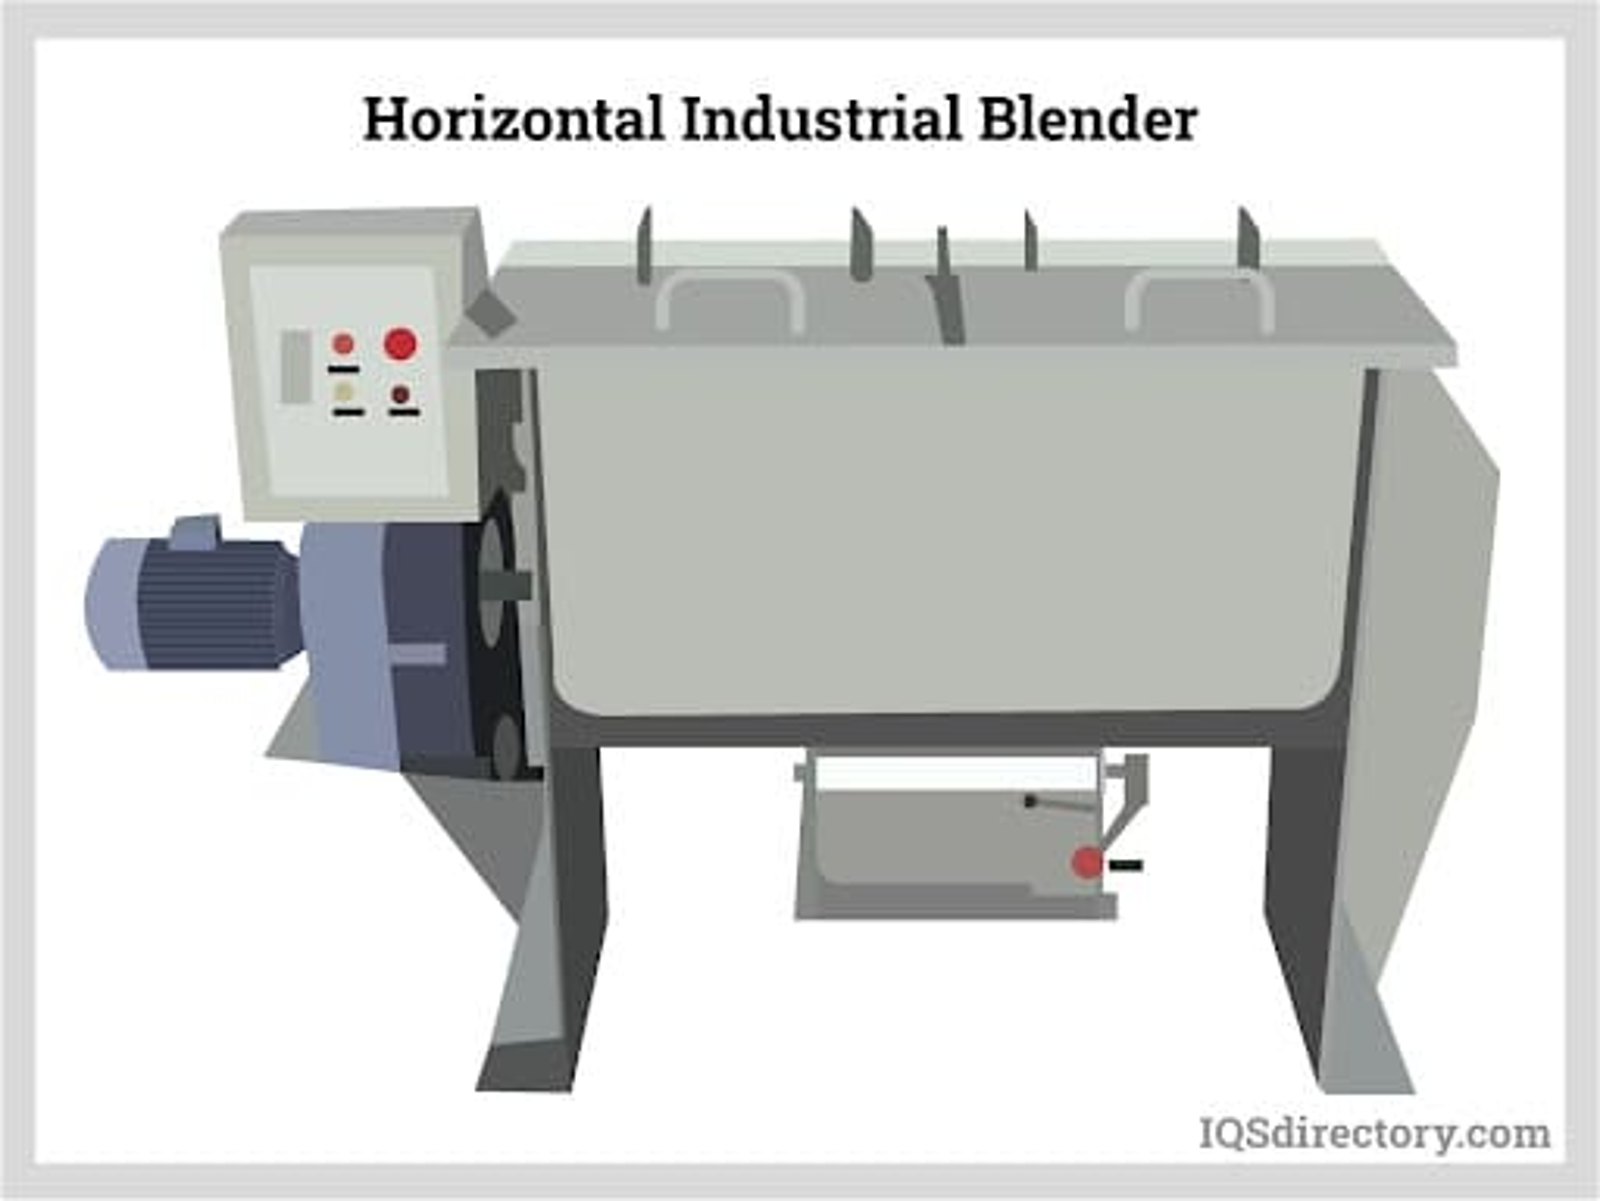 Industrial Blenders